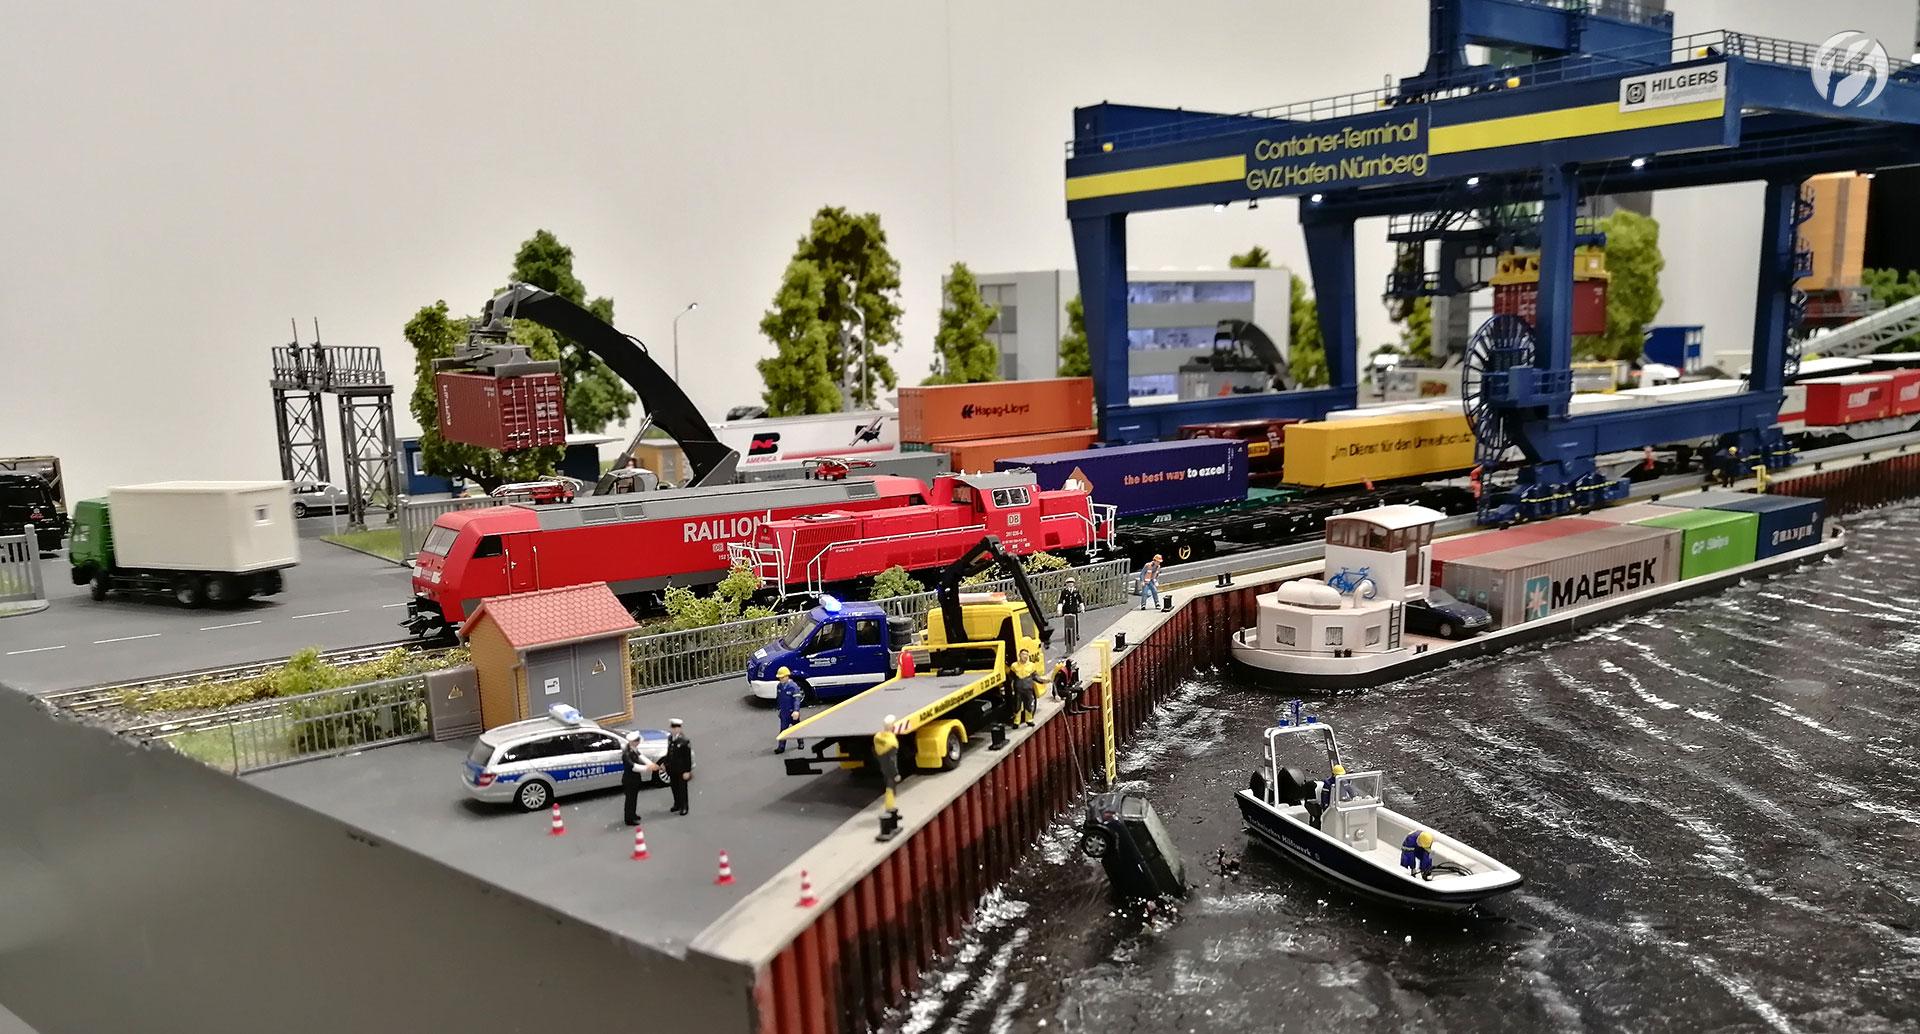 Die Miniaturwelten von Faller hatten diesmal sogar ein Nürnberg-Hafen Szenario am Stand.